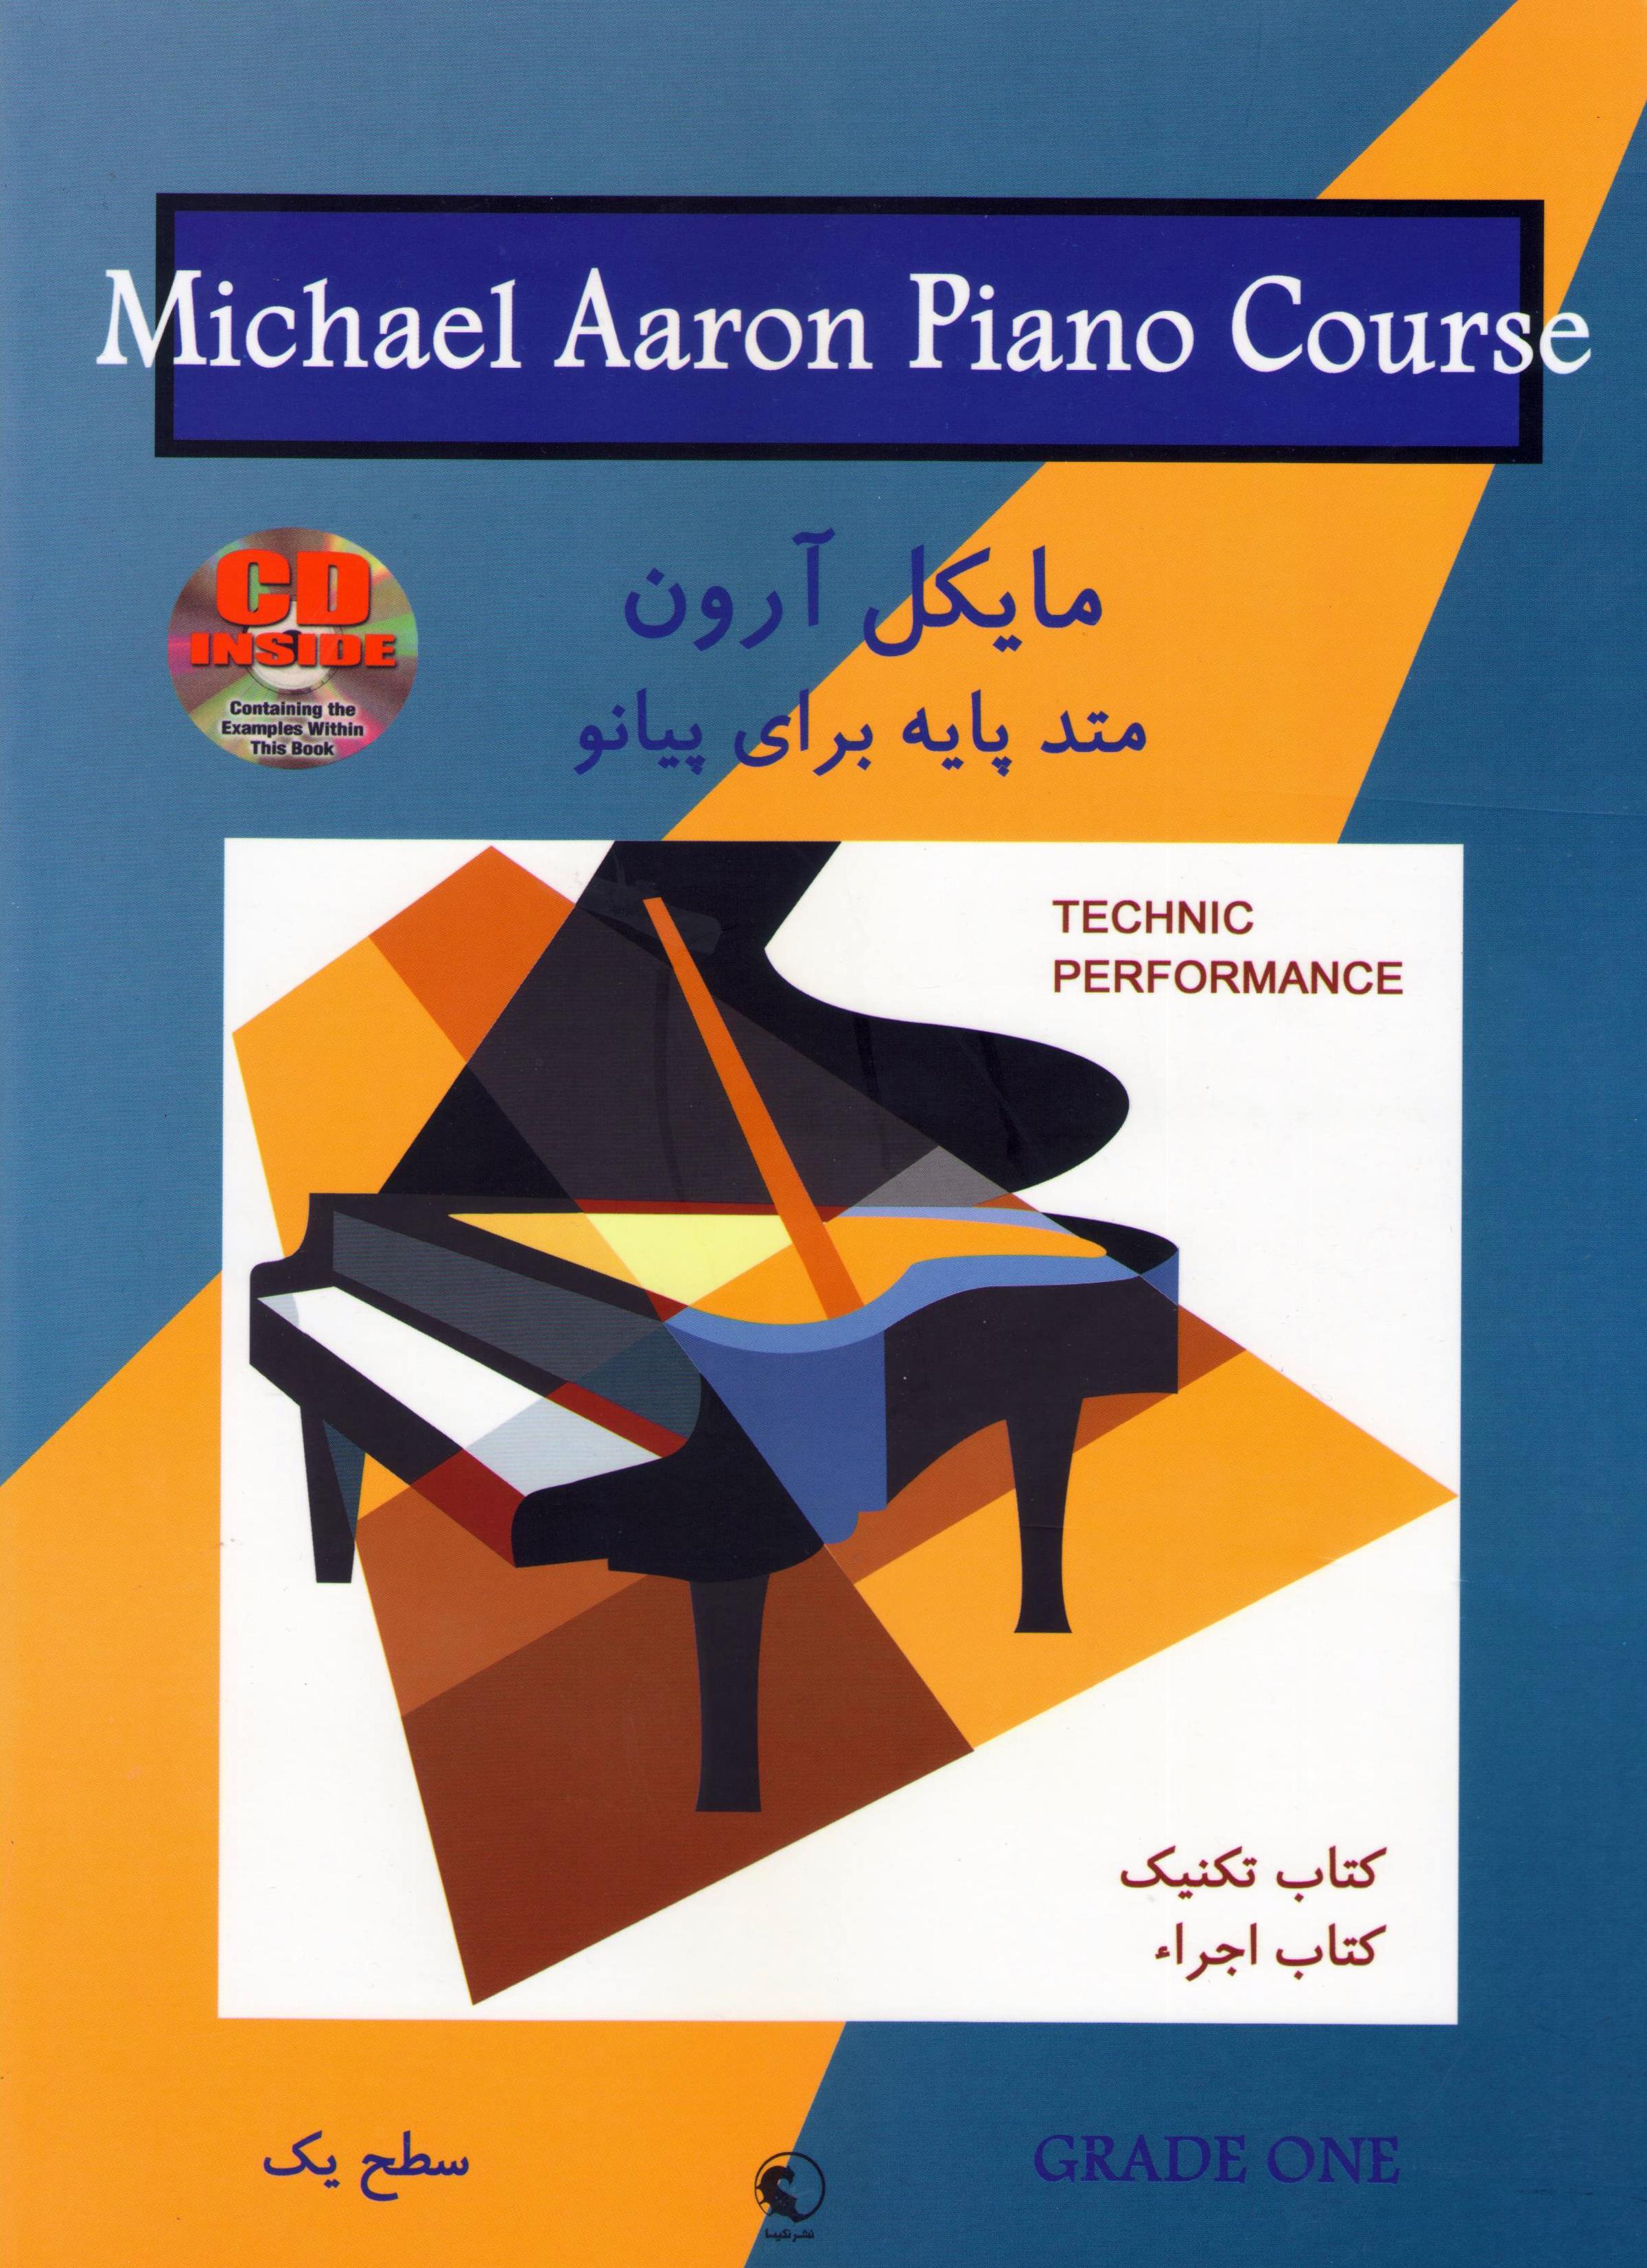 متد پایه برای پیانو - مایکل آرون تکنیک و اجرا سطح یک